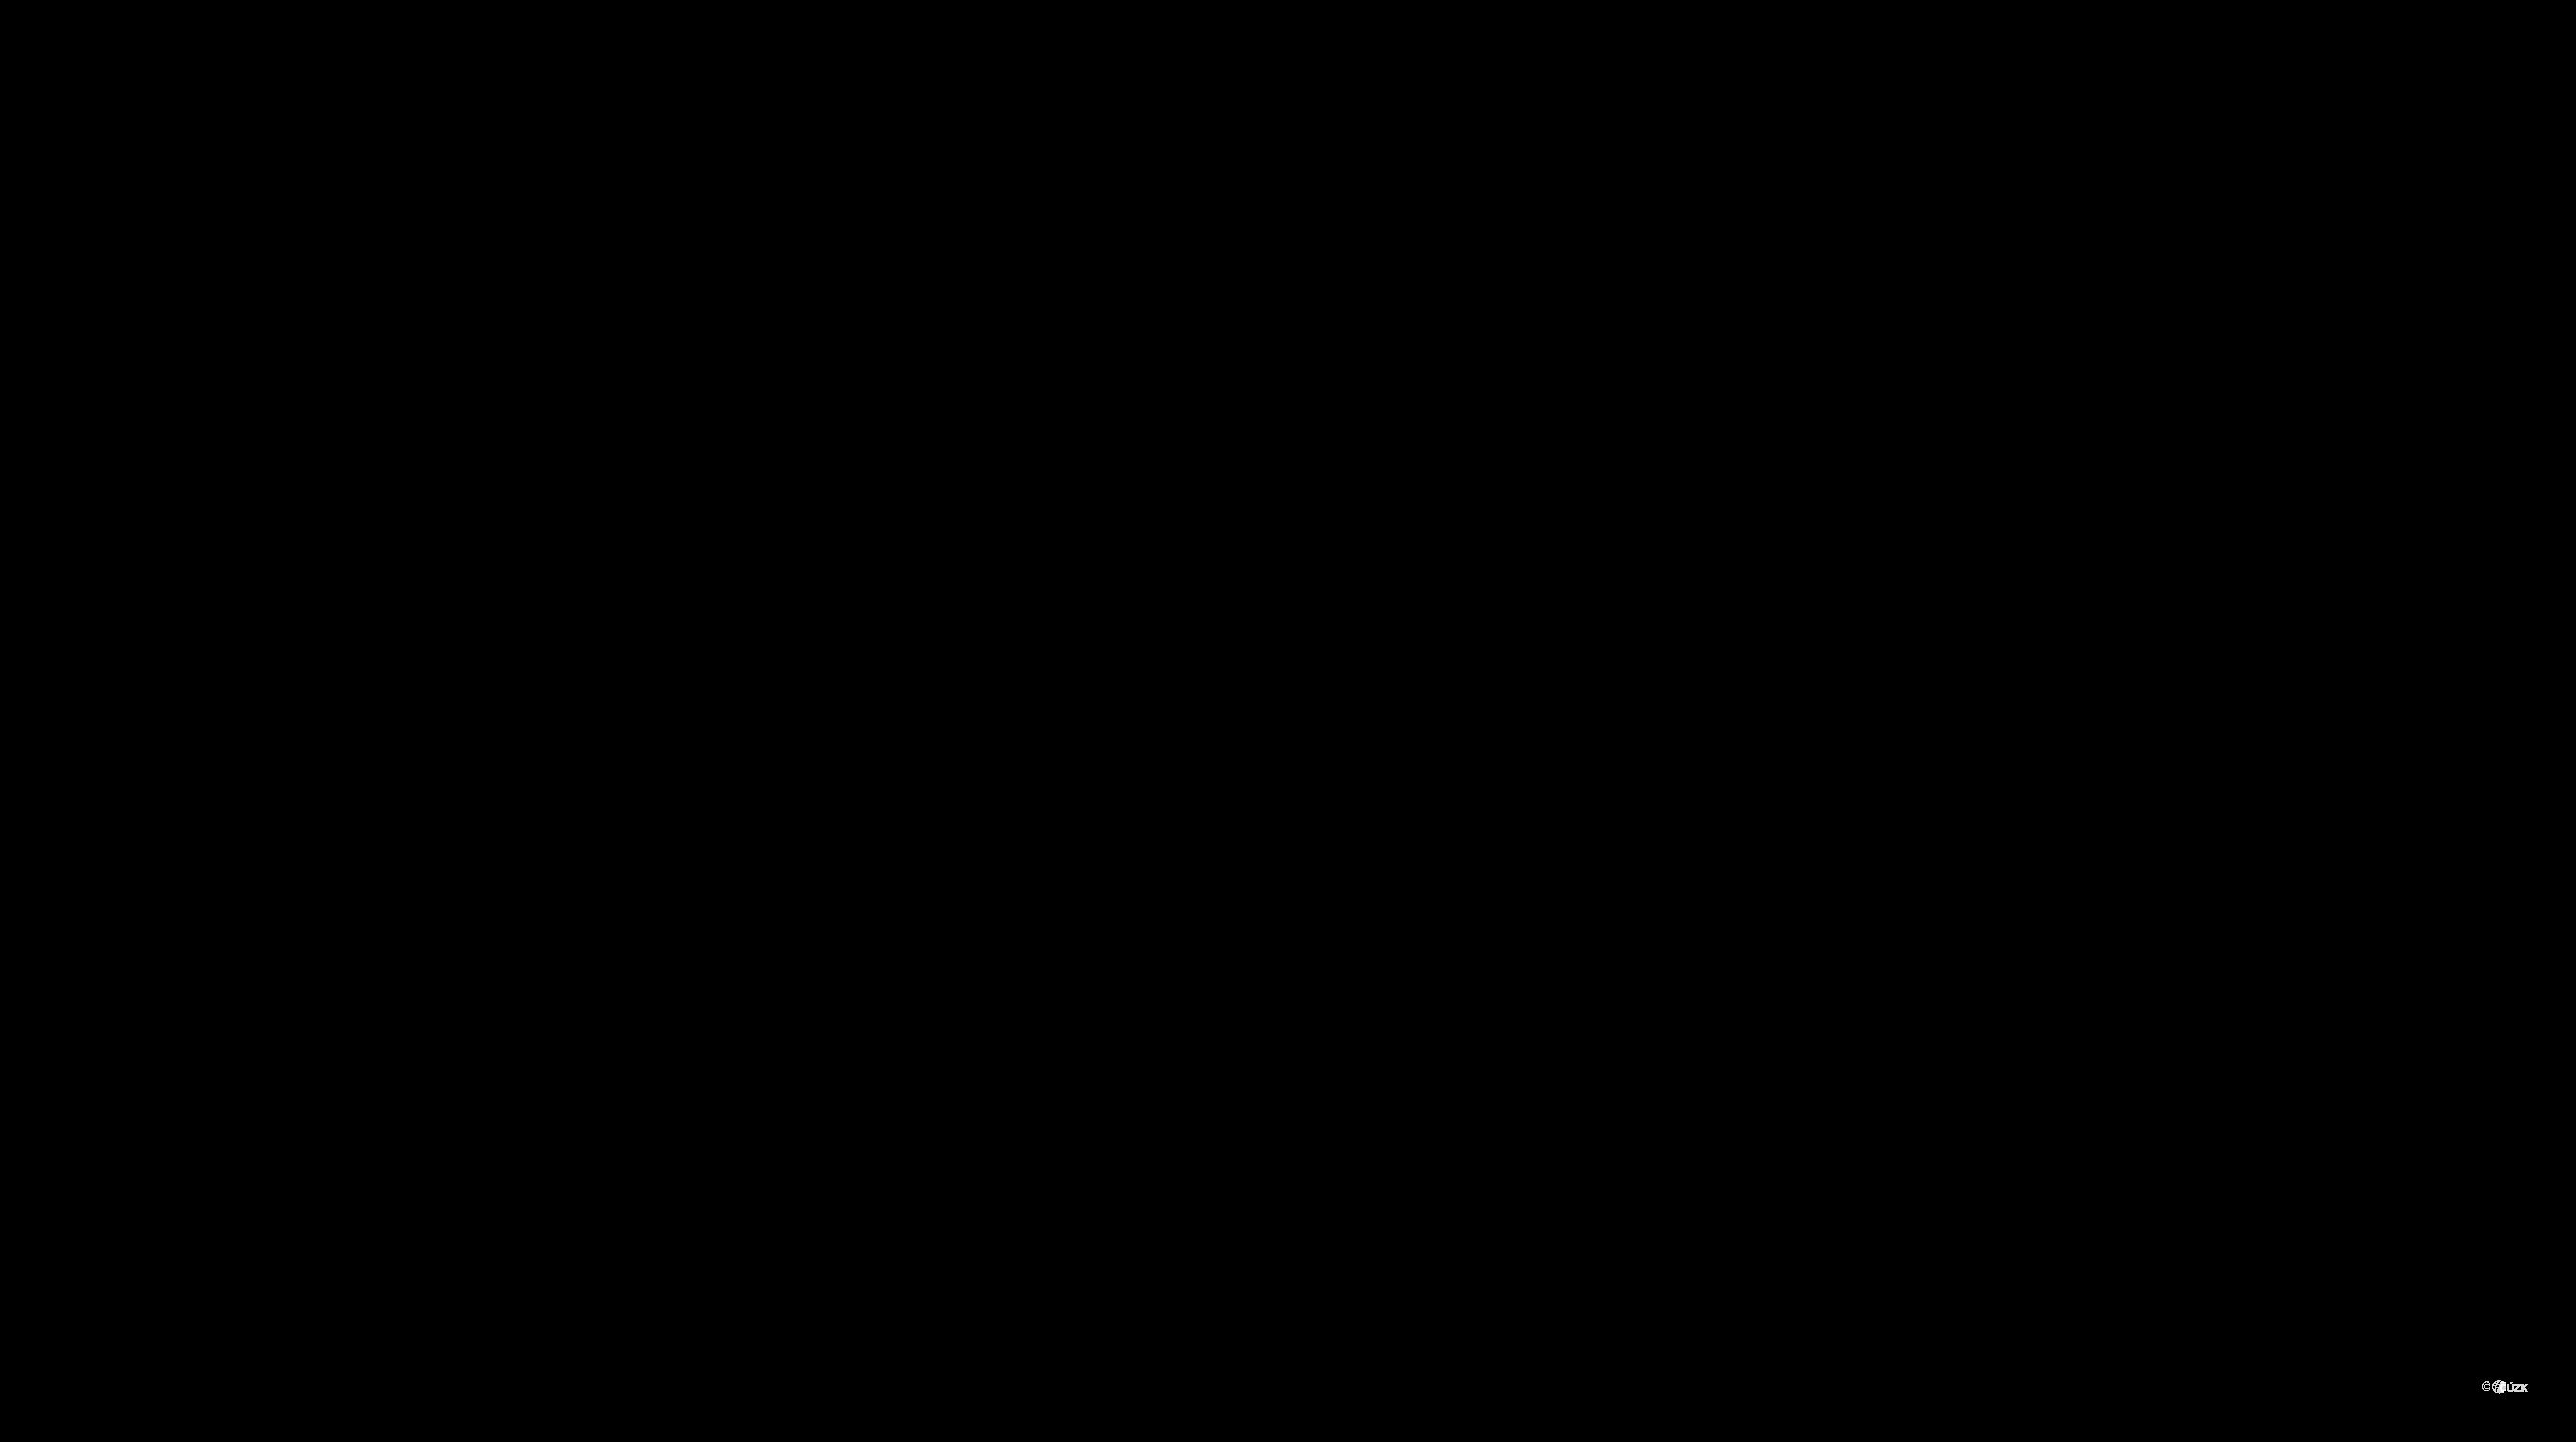 Katastrální mapa pozemků a čísla parcel Křečovice u Neveklova